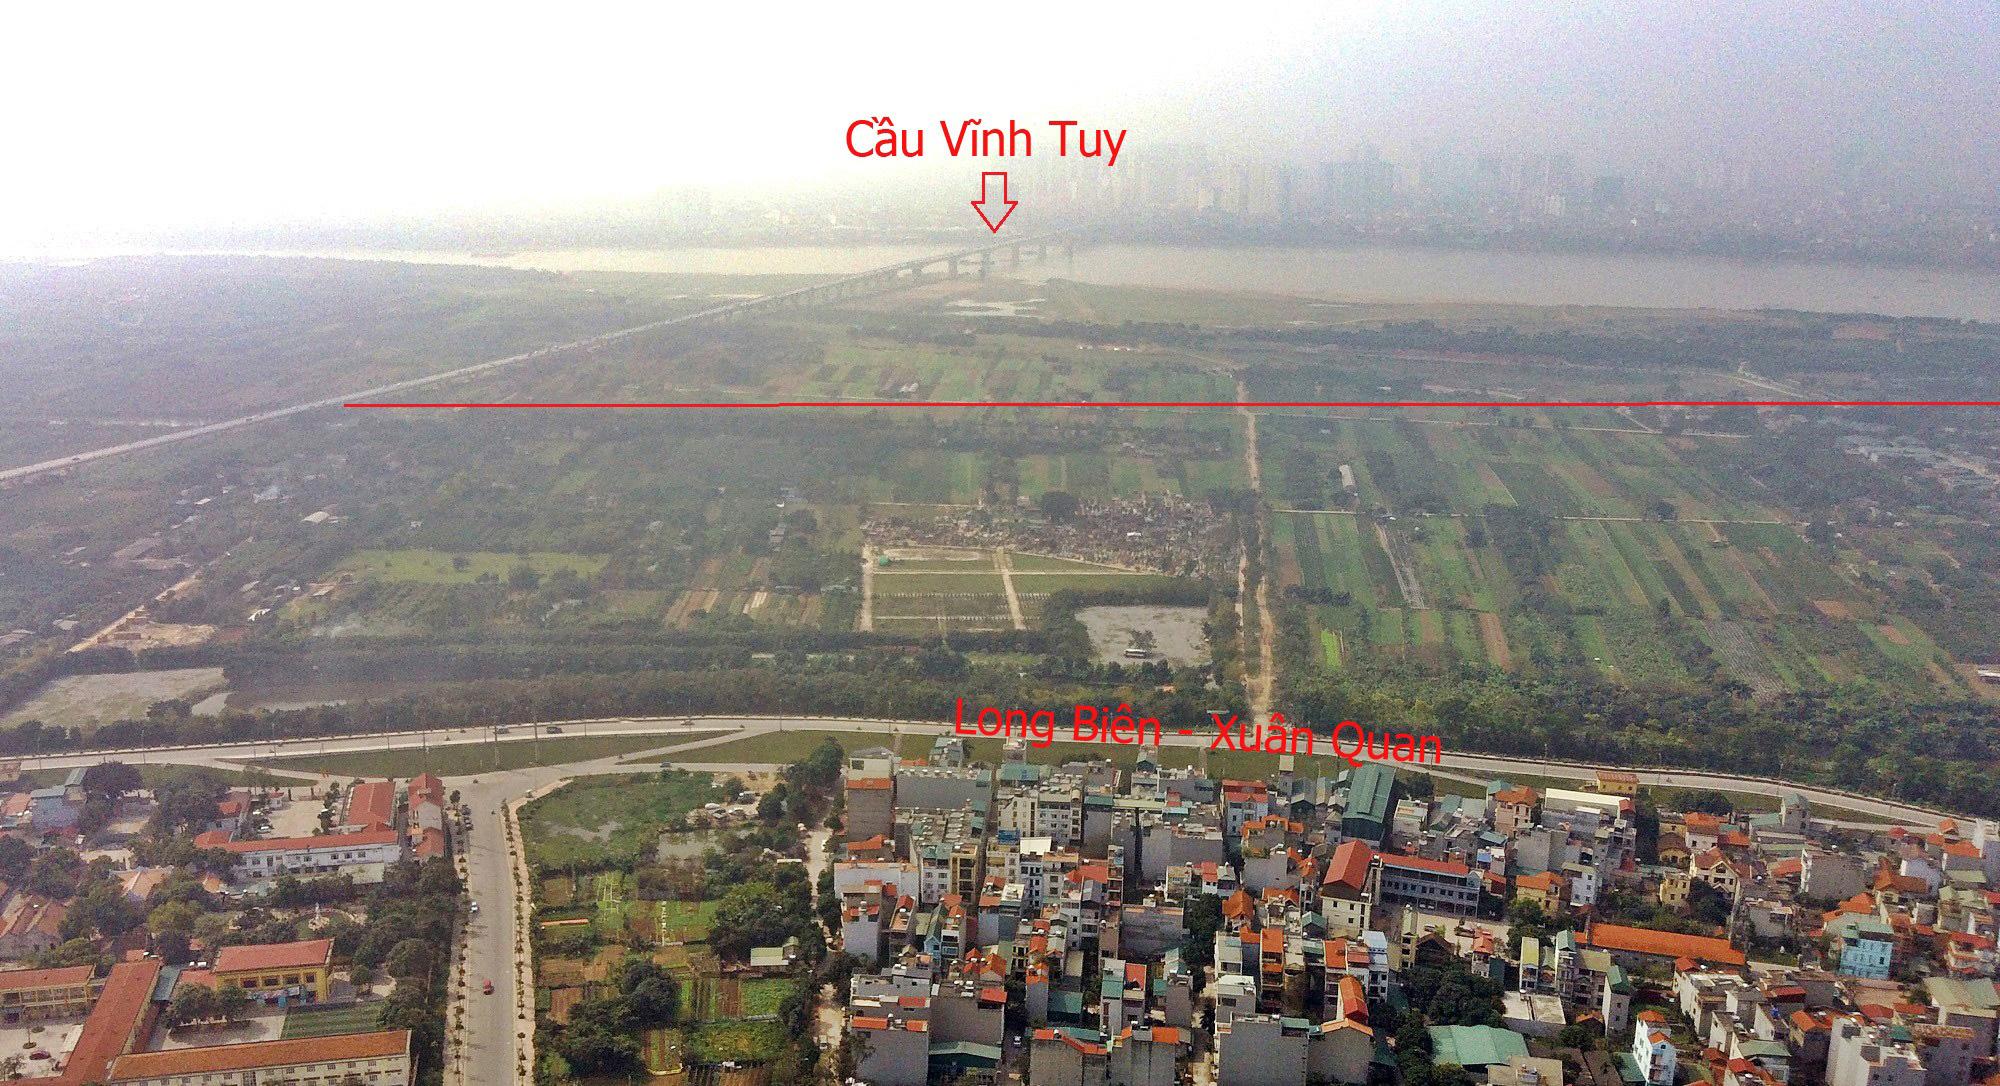 Cầu sẽ mở theo qui hoạch ở Hà Nội: Toàn cảnh cầu/hầm Trần Hưng Đạo nối quận Hoàn Kiếm - Long Biên - Ảnh 17.